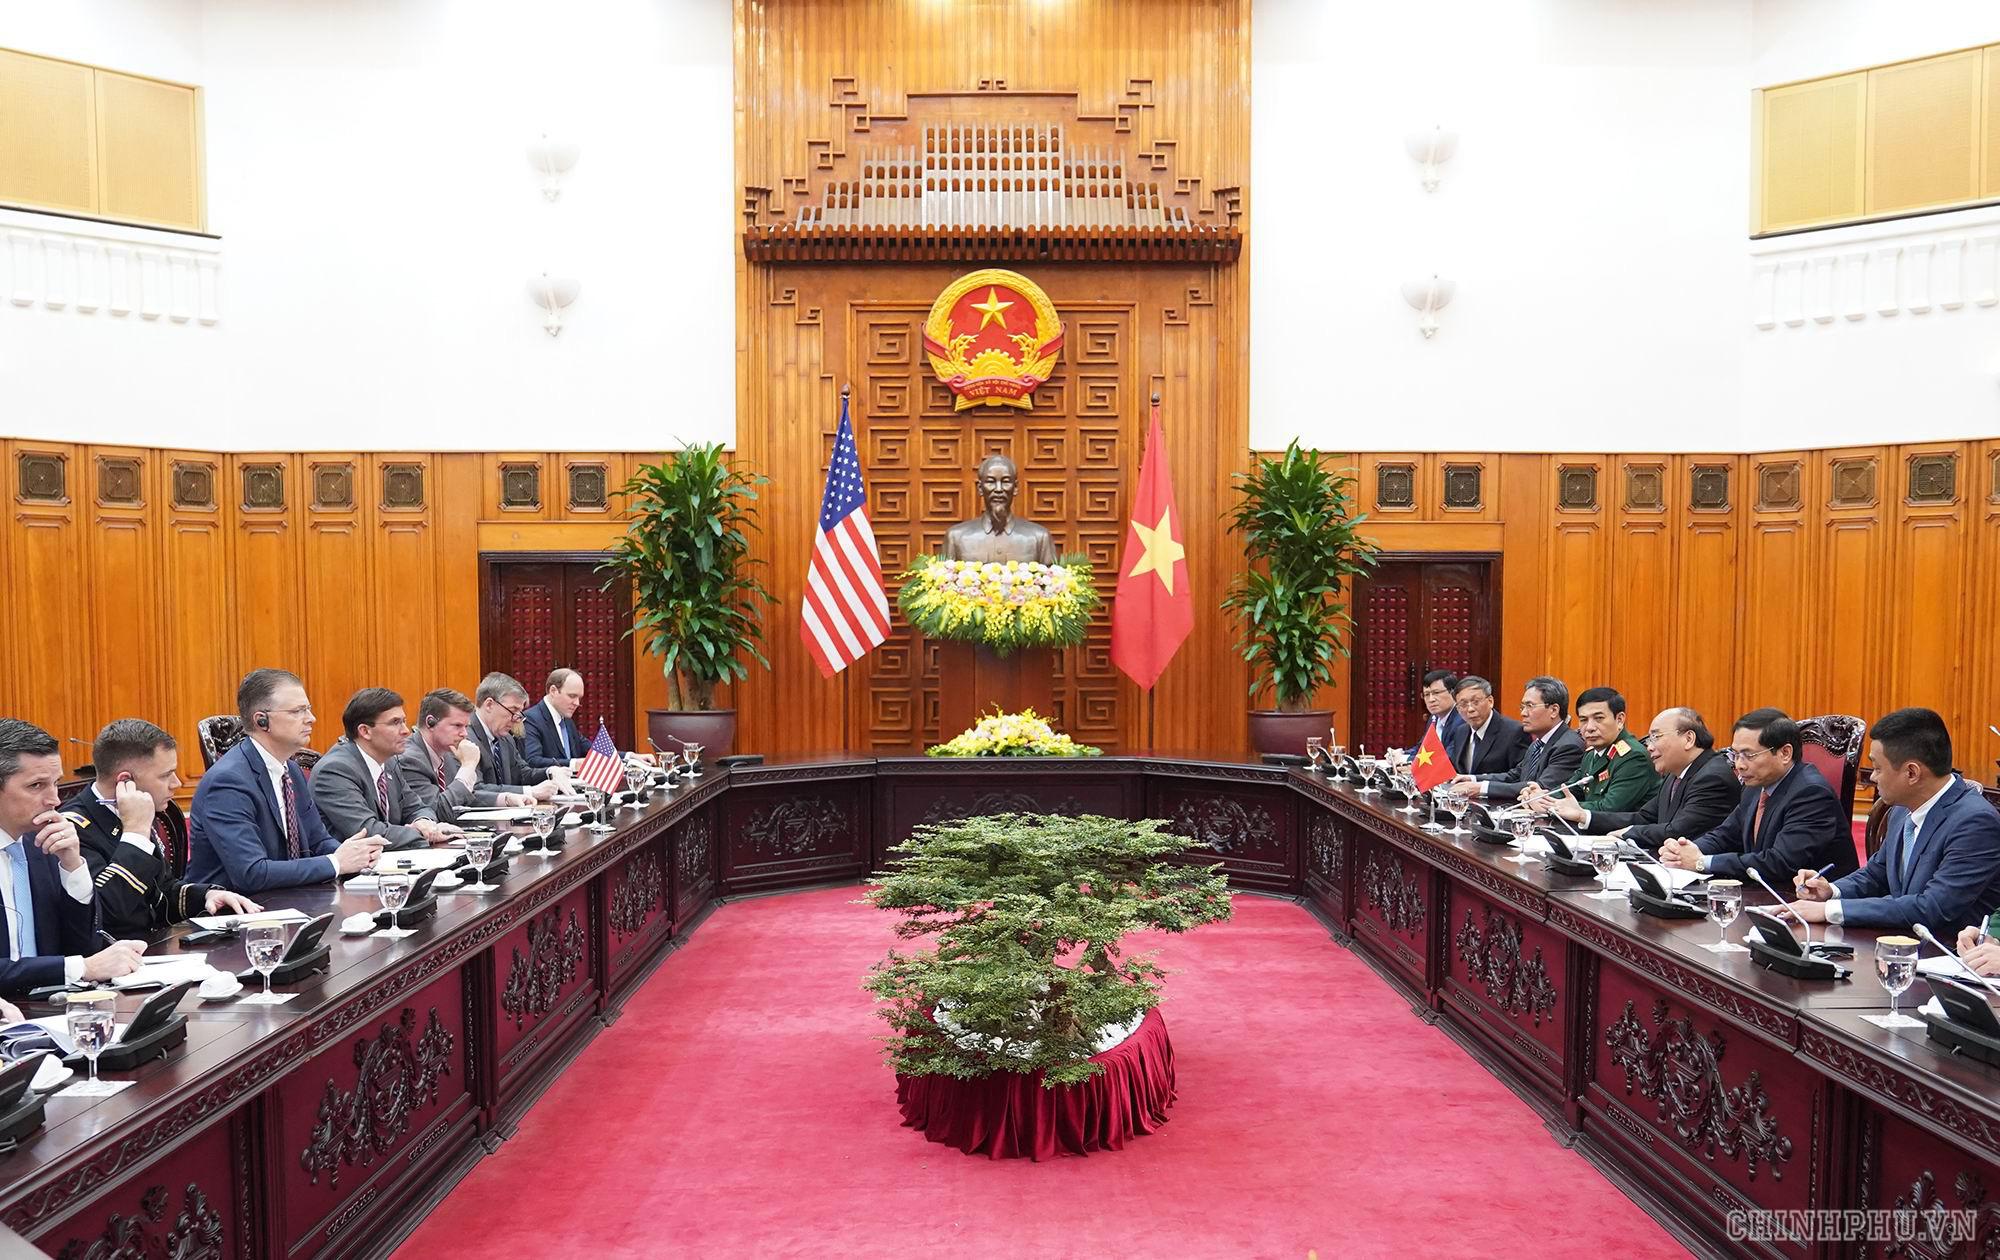 Việt Nam luôn coi Hoa Kỳ là một trong những đối tác quan trọng hàng đầu - Ảnh 2.